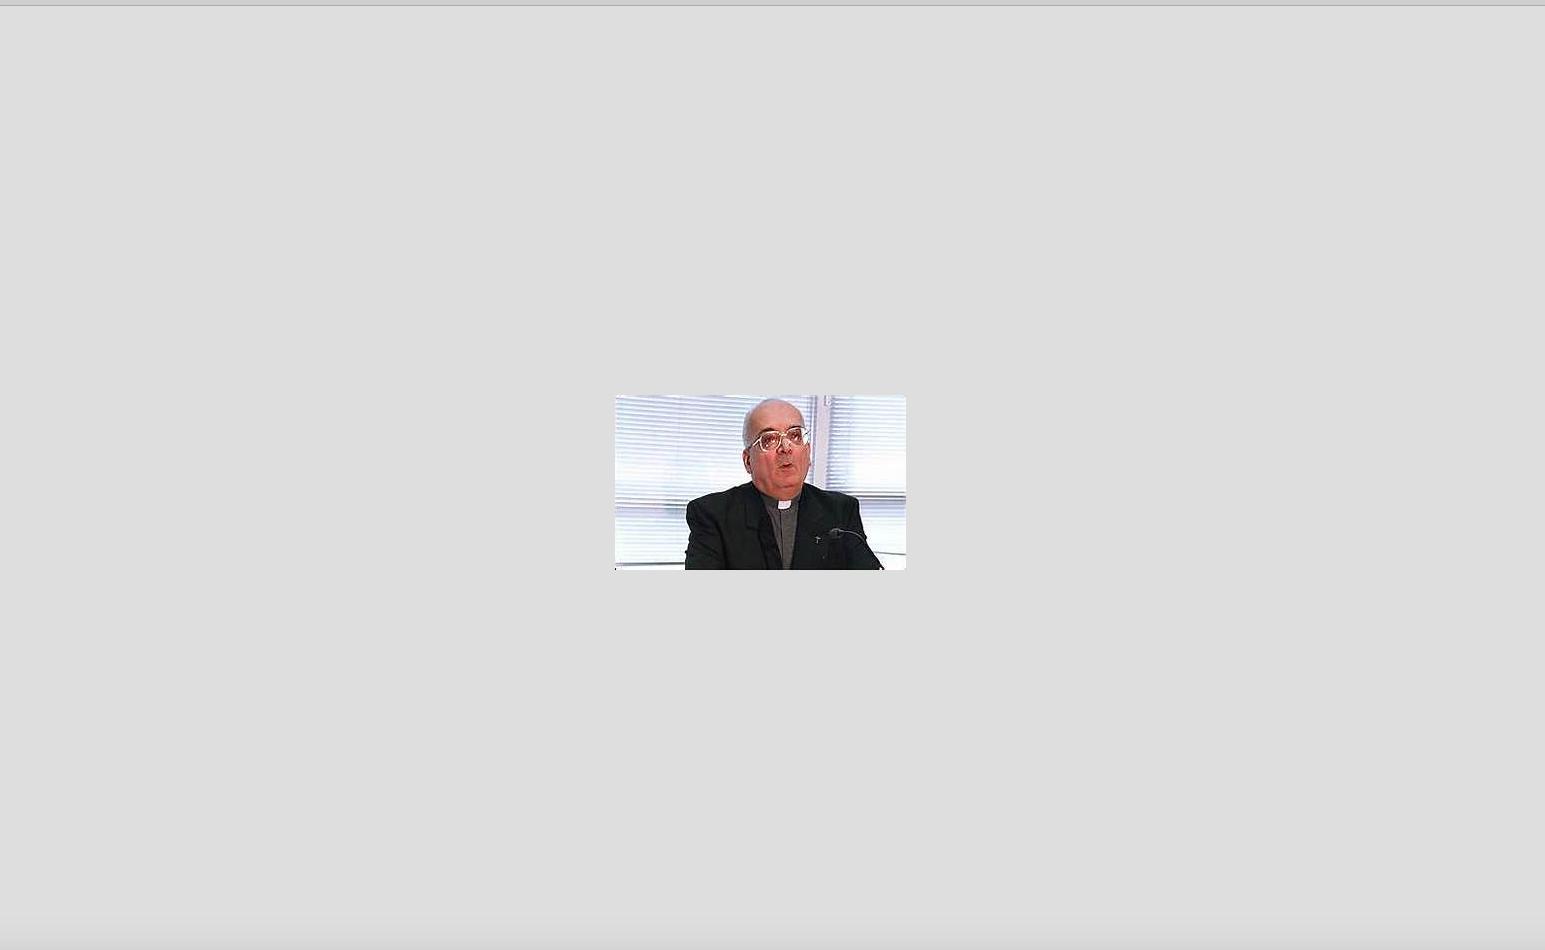 Mgr Pierre Pican, Domaine public